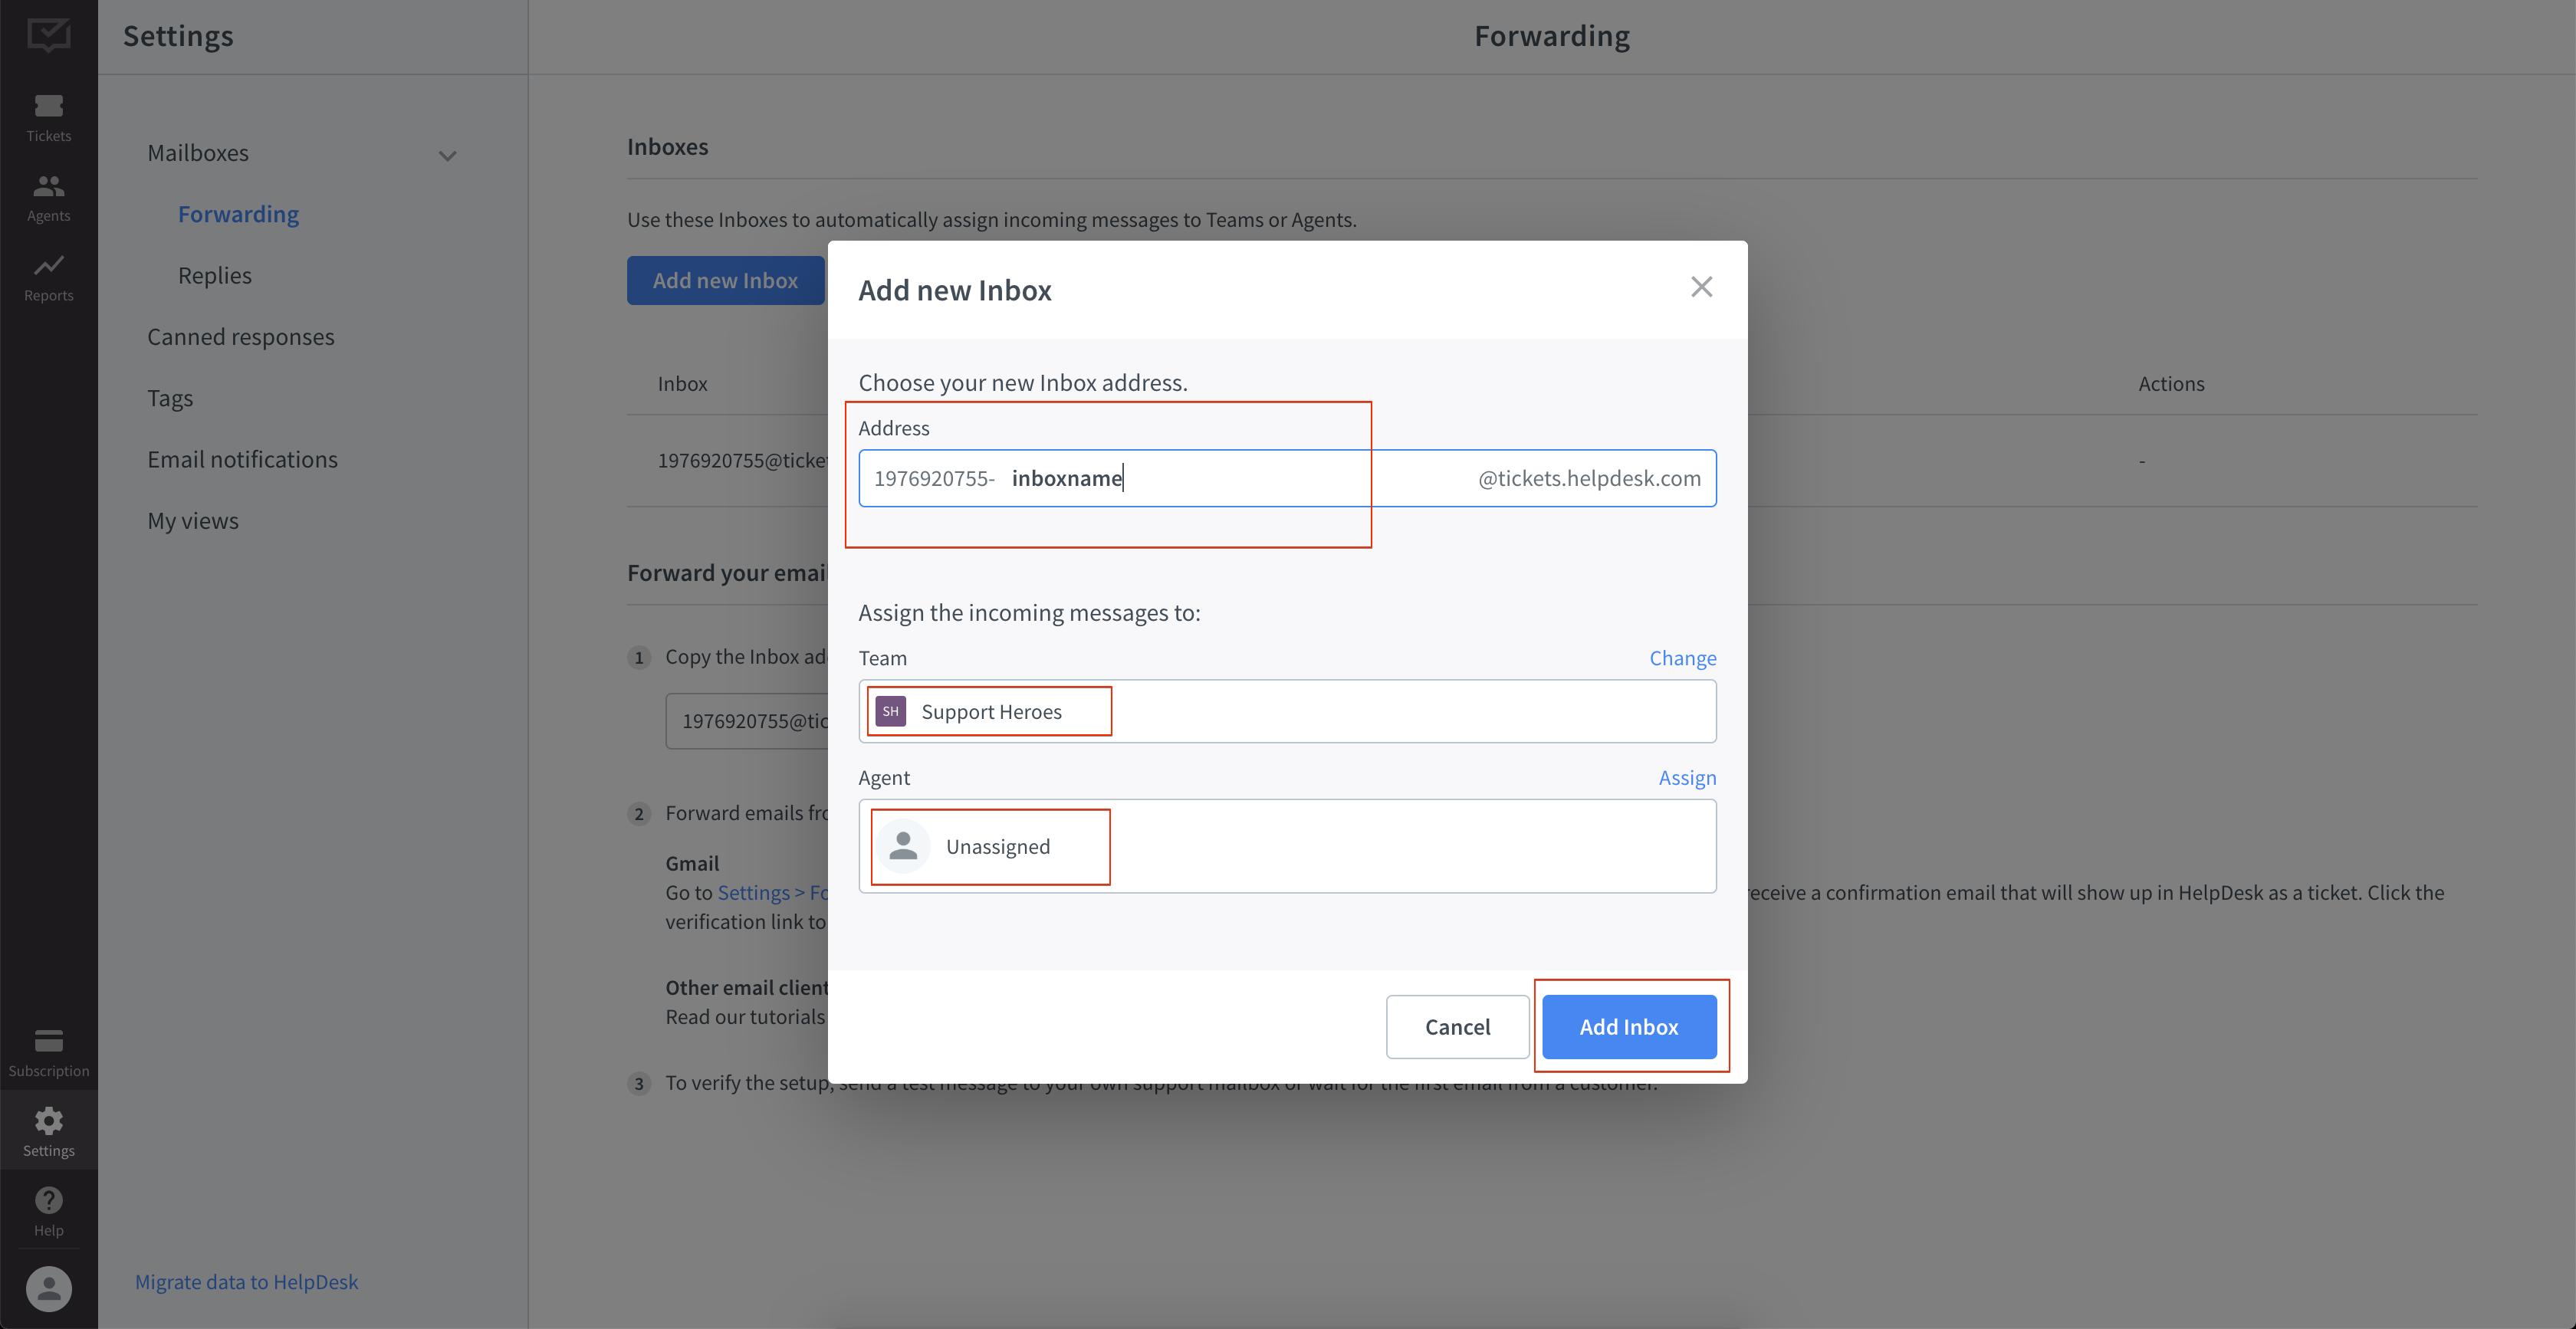 Adding inbox properties in Helpdesk